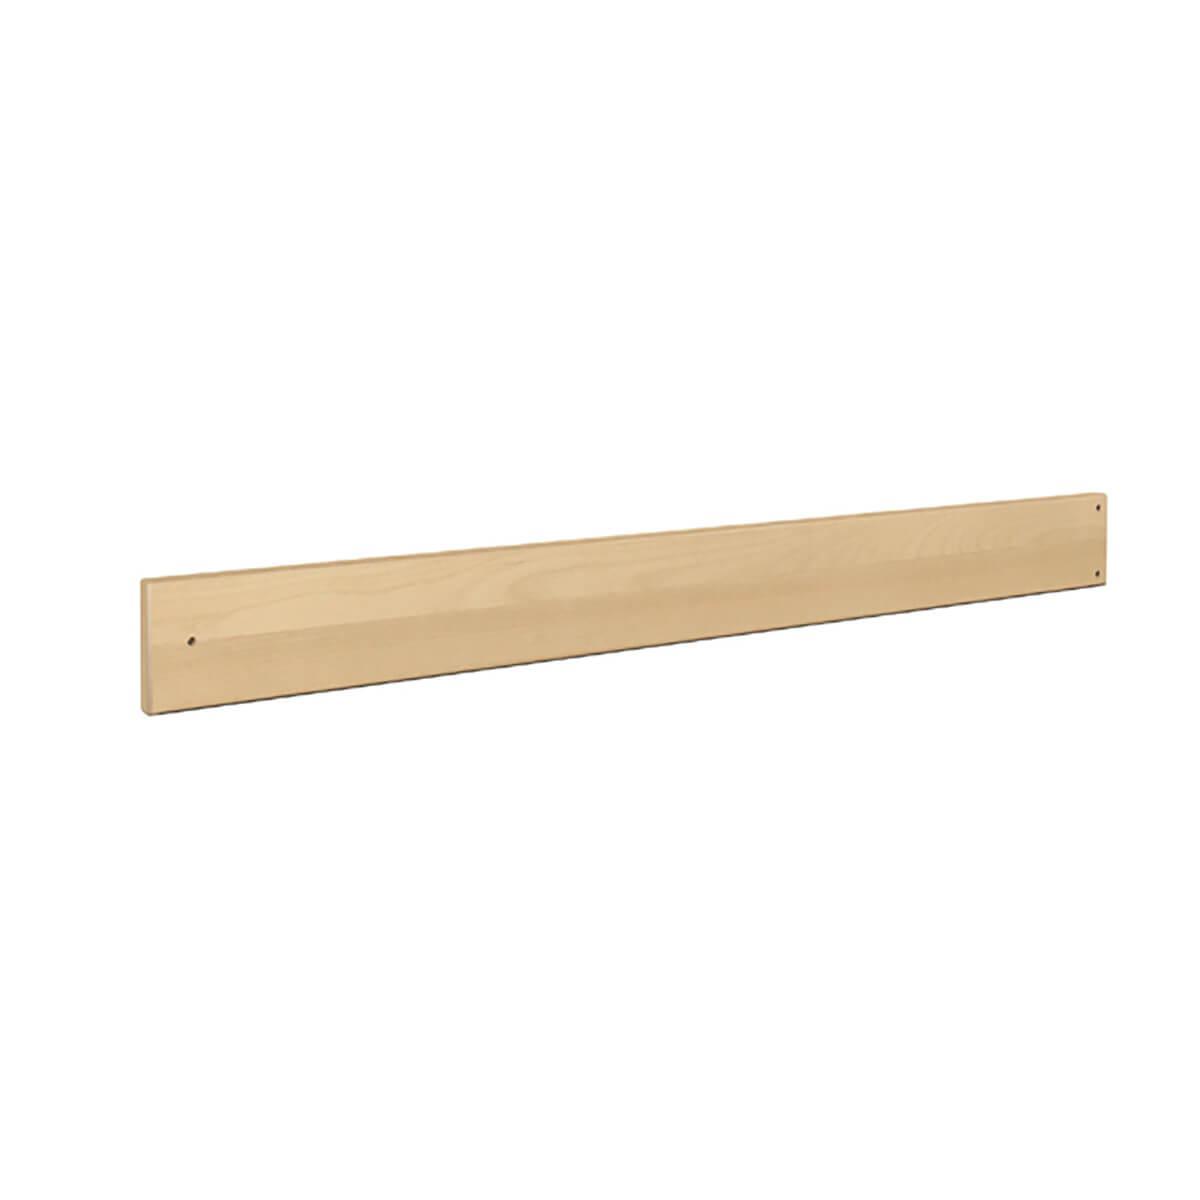 1 Rahmenzarge 200cm mit Leiterbohrung DELUXE Debreuyn Buche natur geölt